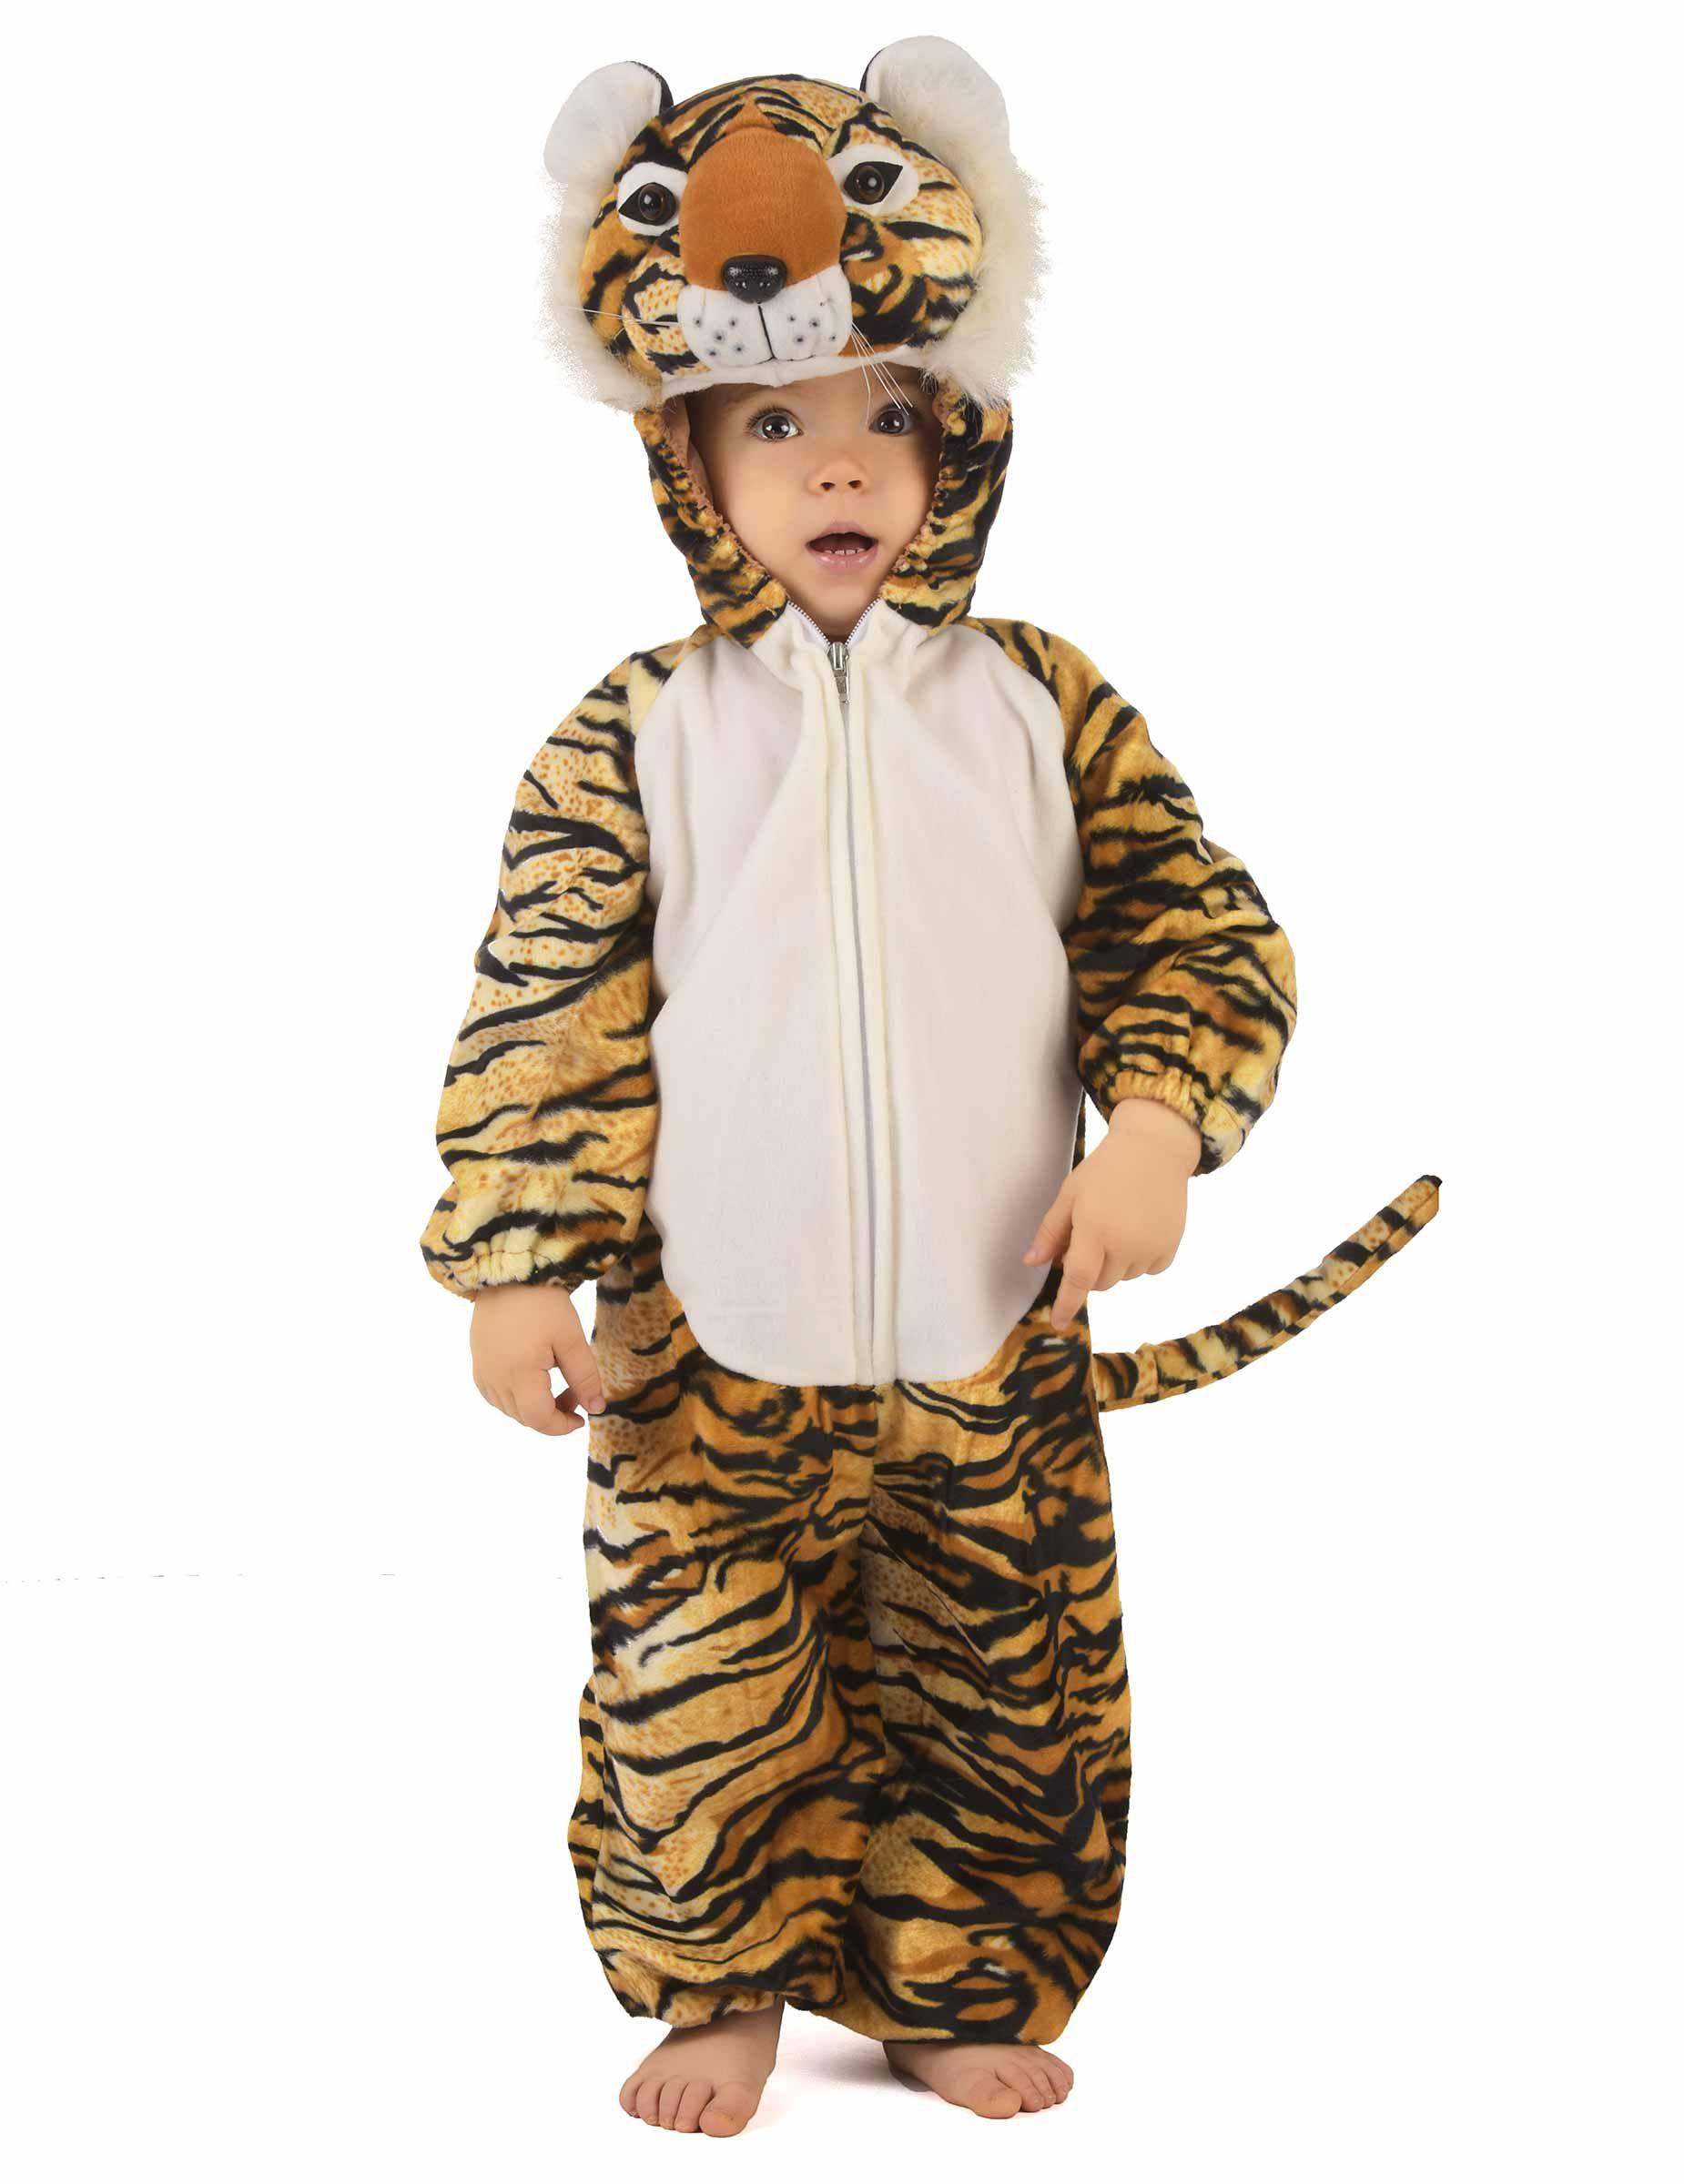 1a7ae6ad57f6a Déguisement tigre enfant   Ce déguisement de tigre pour enfant consiste en  une combinaison à capuche